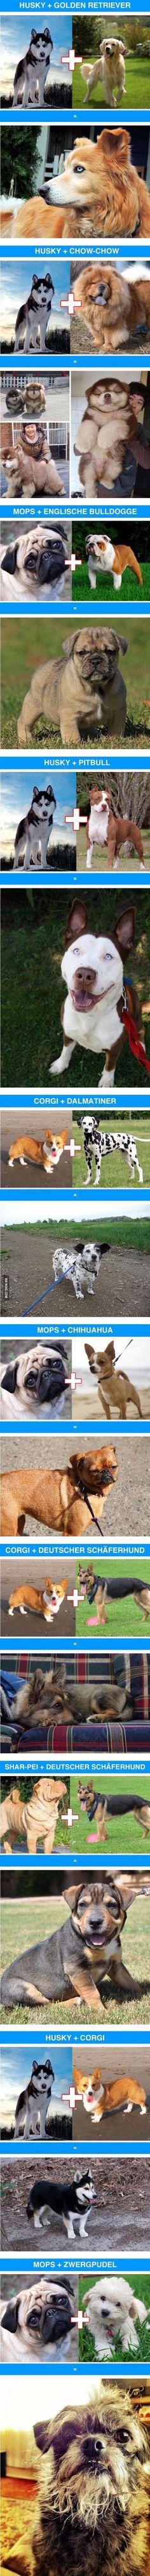 Wunderschöne Tiere!!!Und beim letzten Ergebnisse liebt man den Charakter...;)